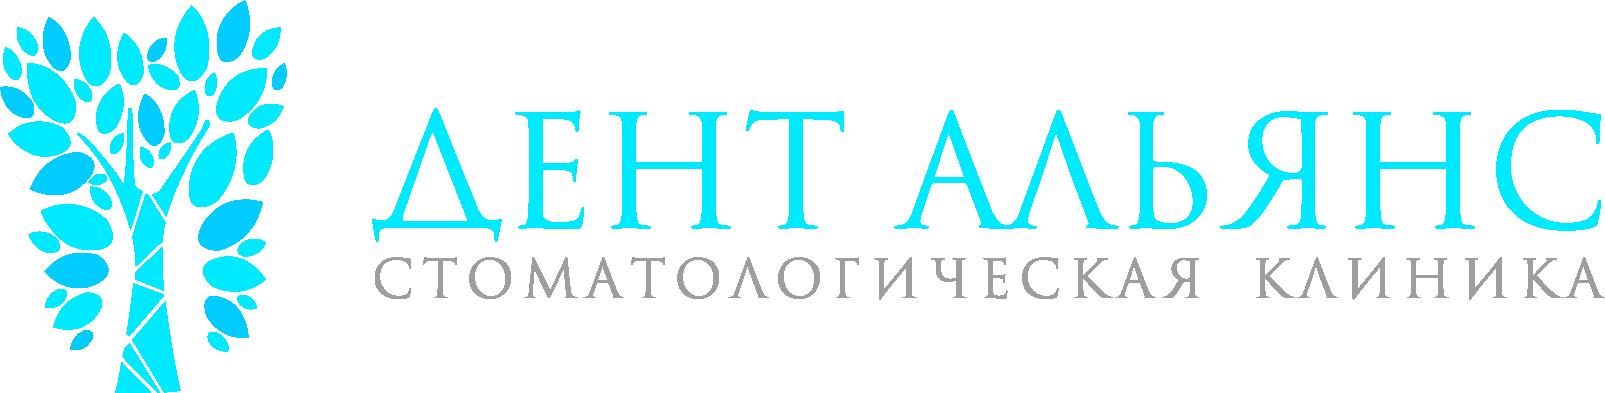 Дент Альянс, стоматологическая клиника в СПб